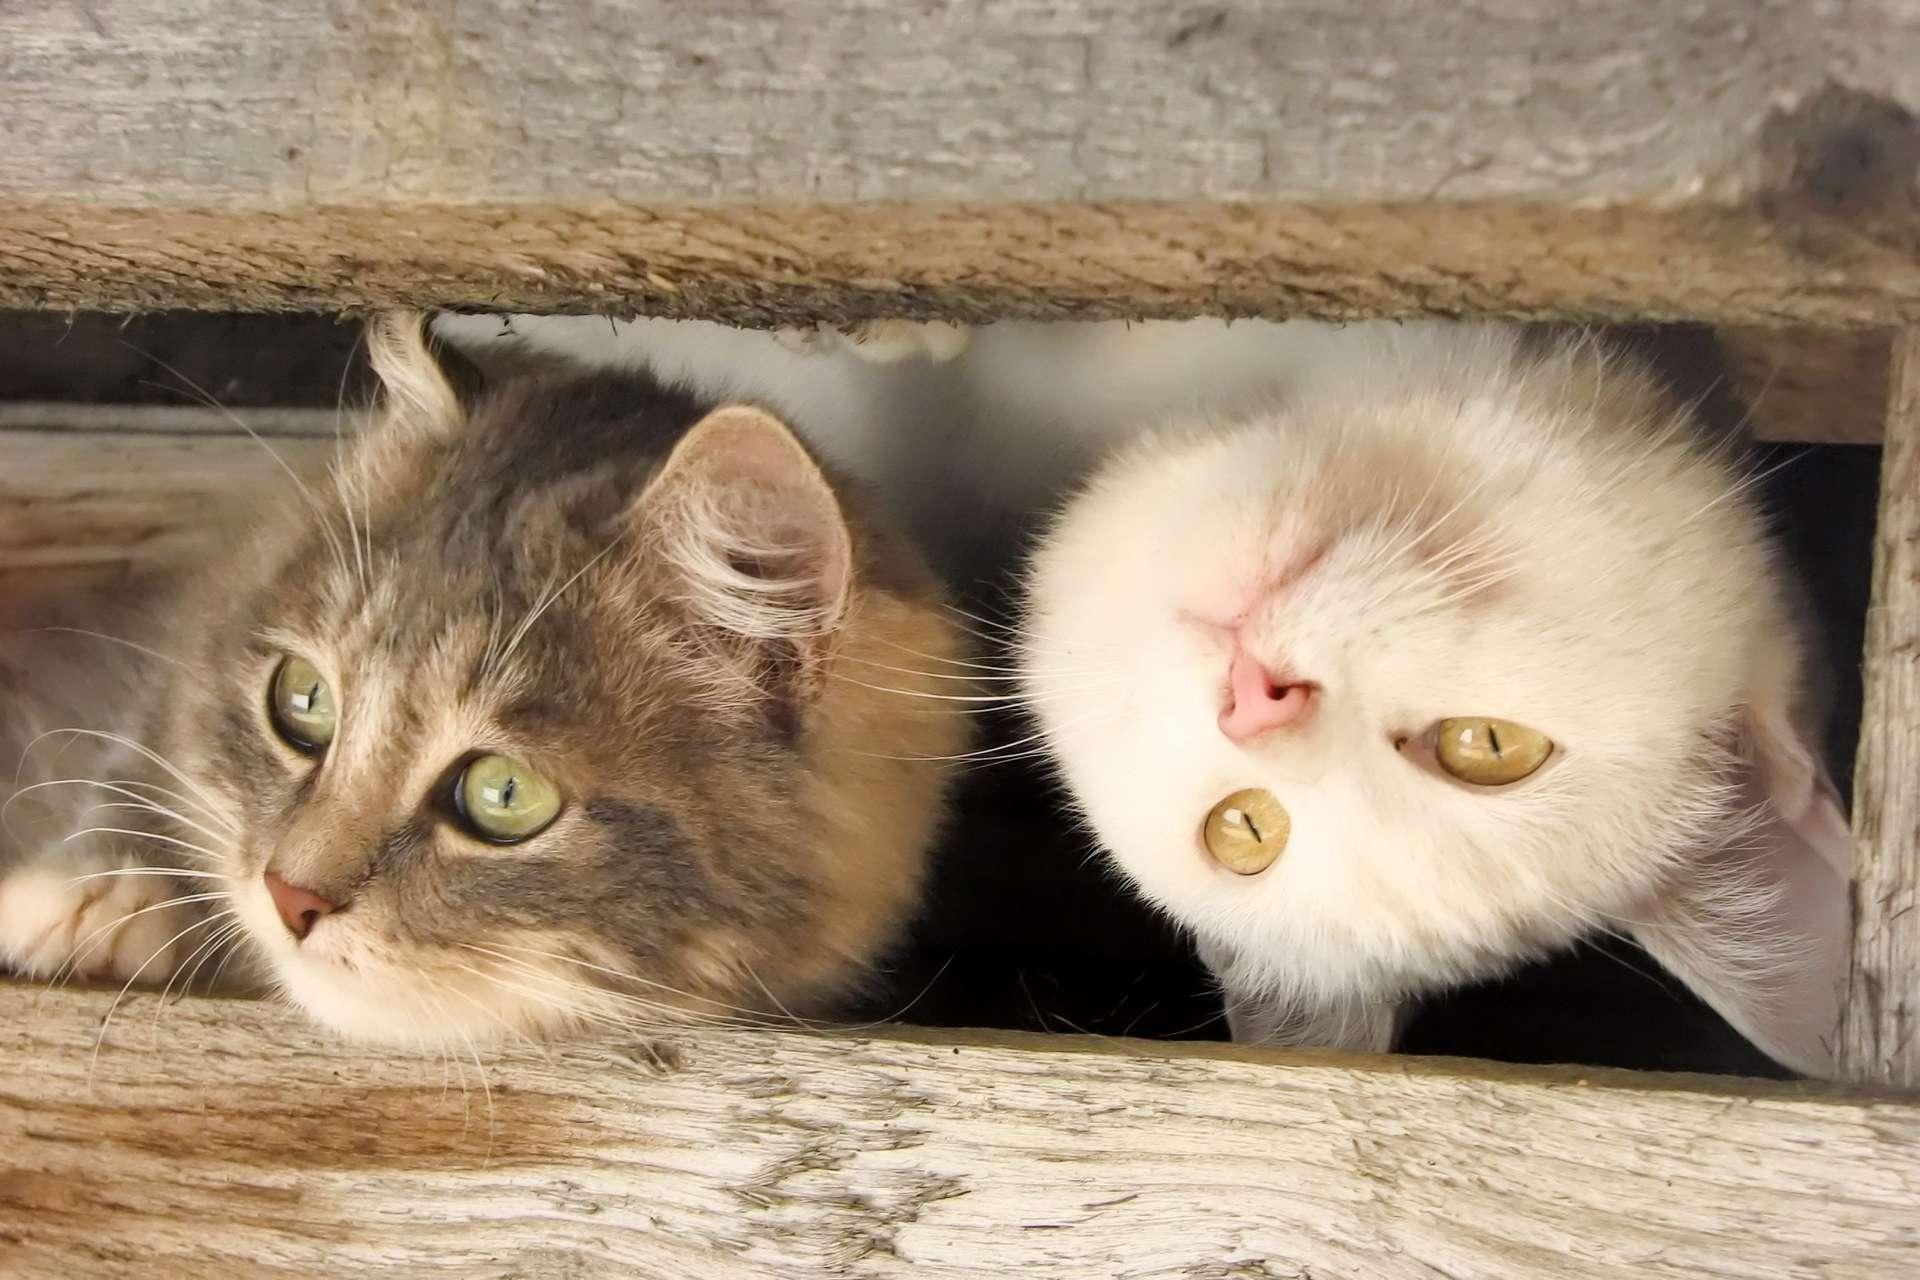 мясо относят красивые картинки на телефон со смешными кошками тяжелых